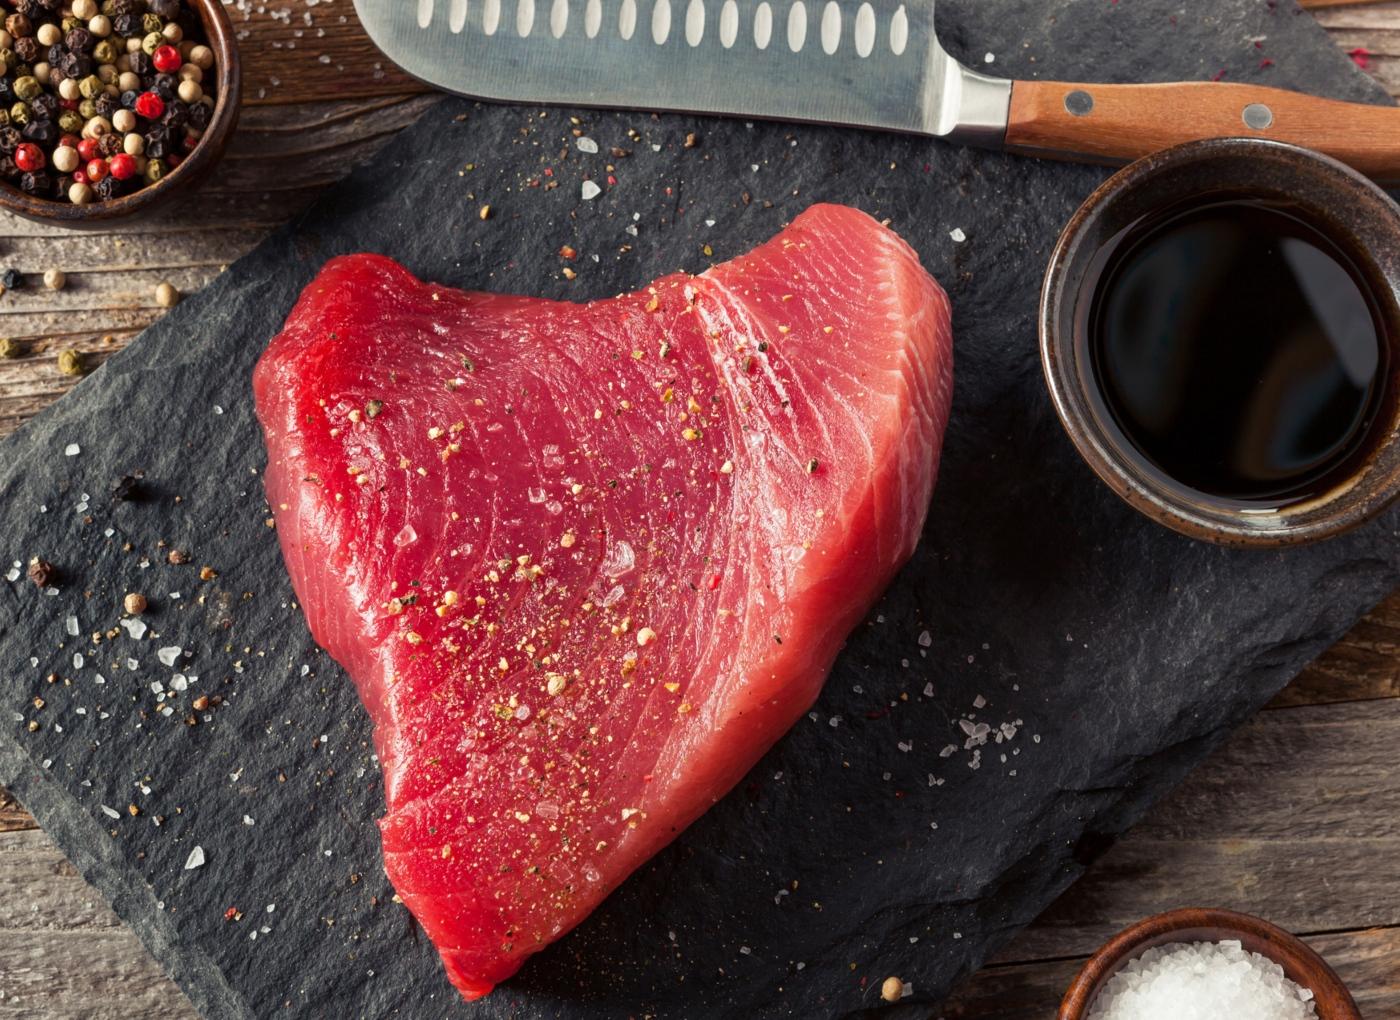 Como cozinhar atum: bife de atum temperado